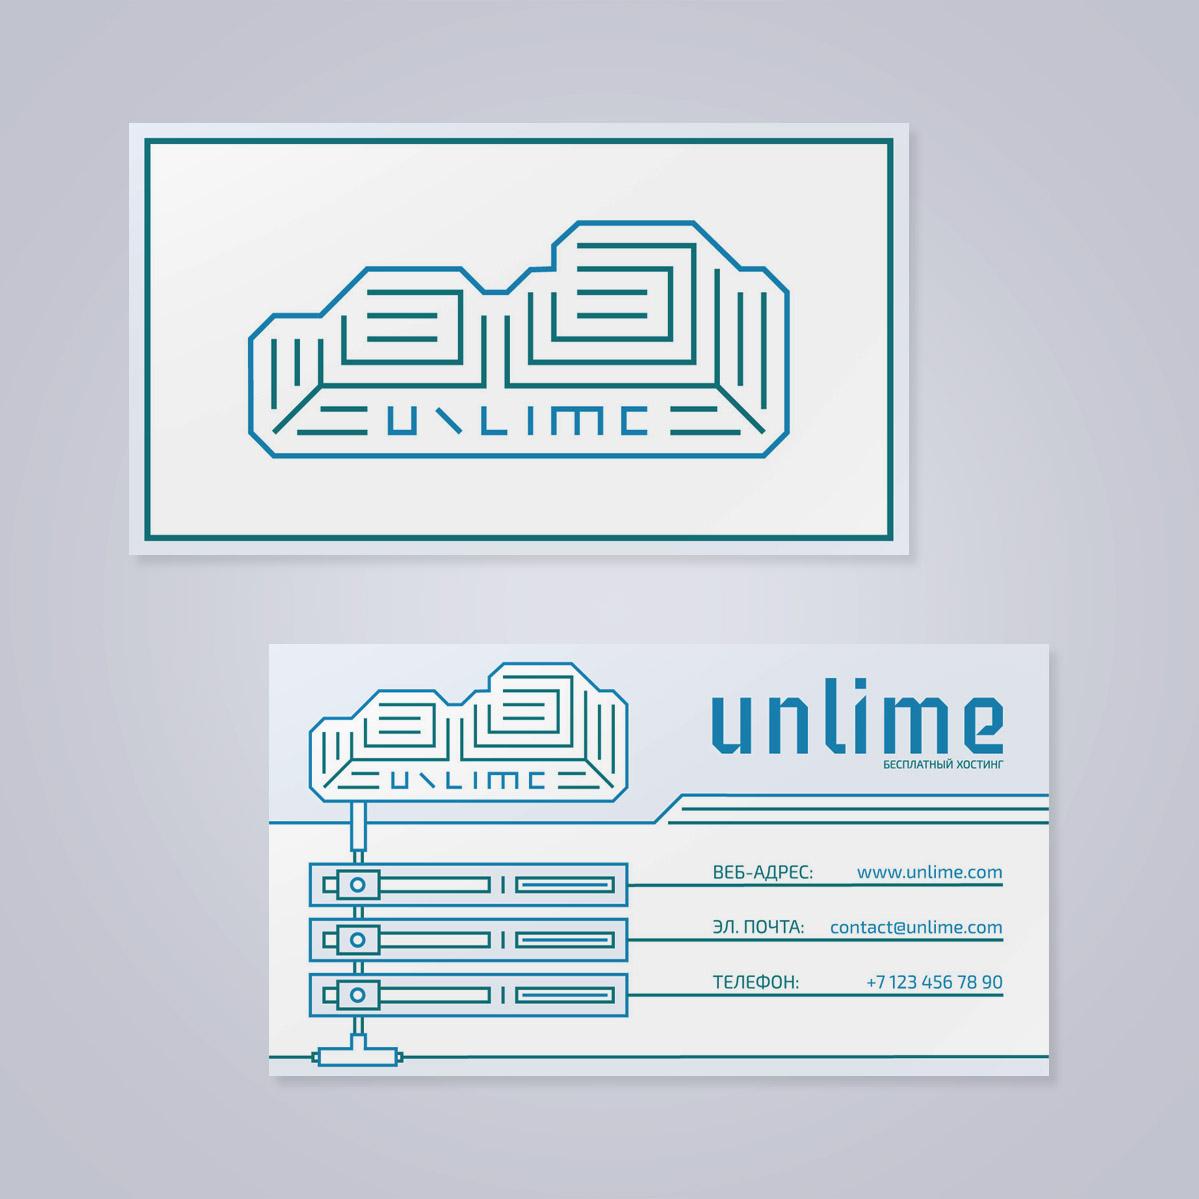 Разработка логотипа и фирменного стиля фото f_92159465d14e79ac.jpg